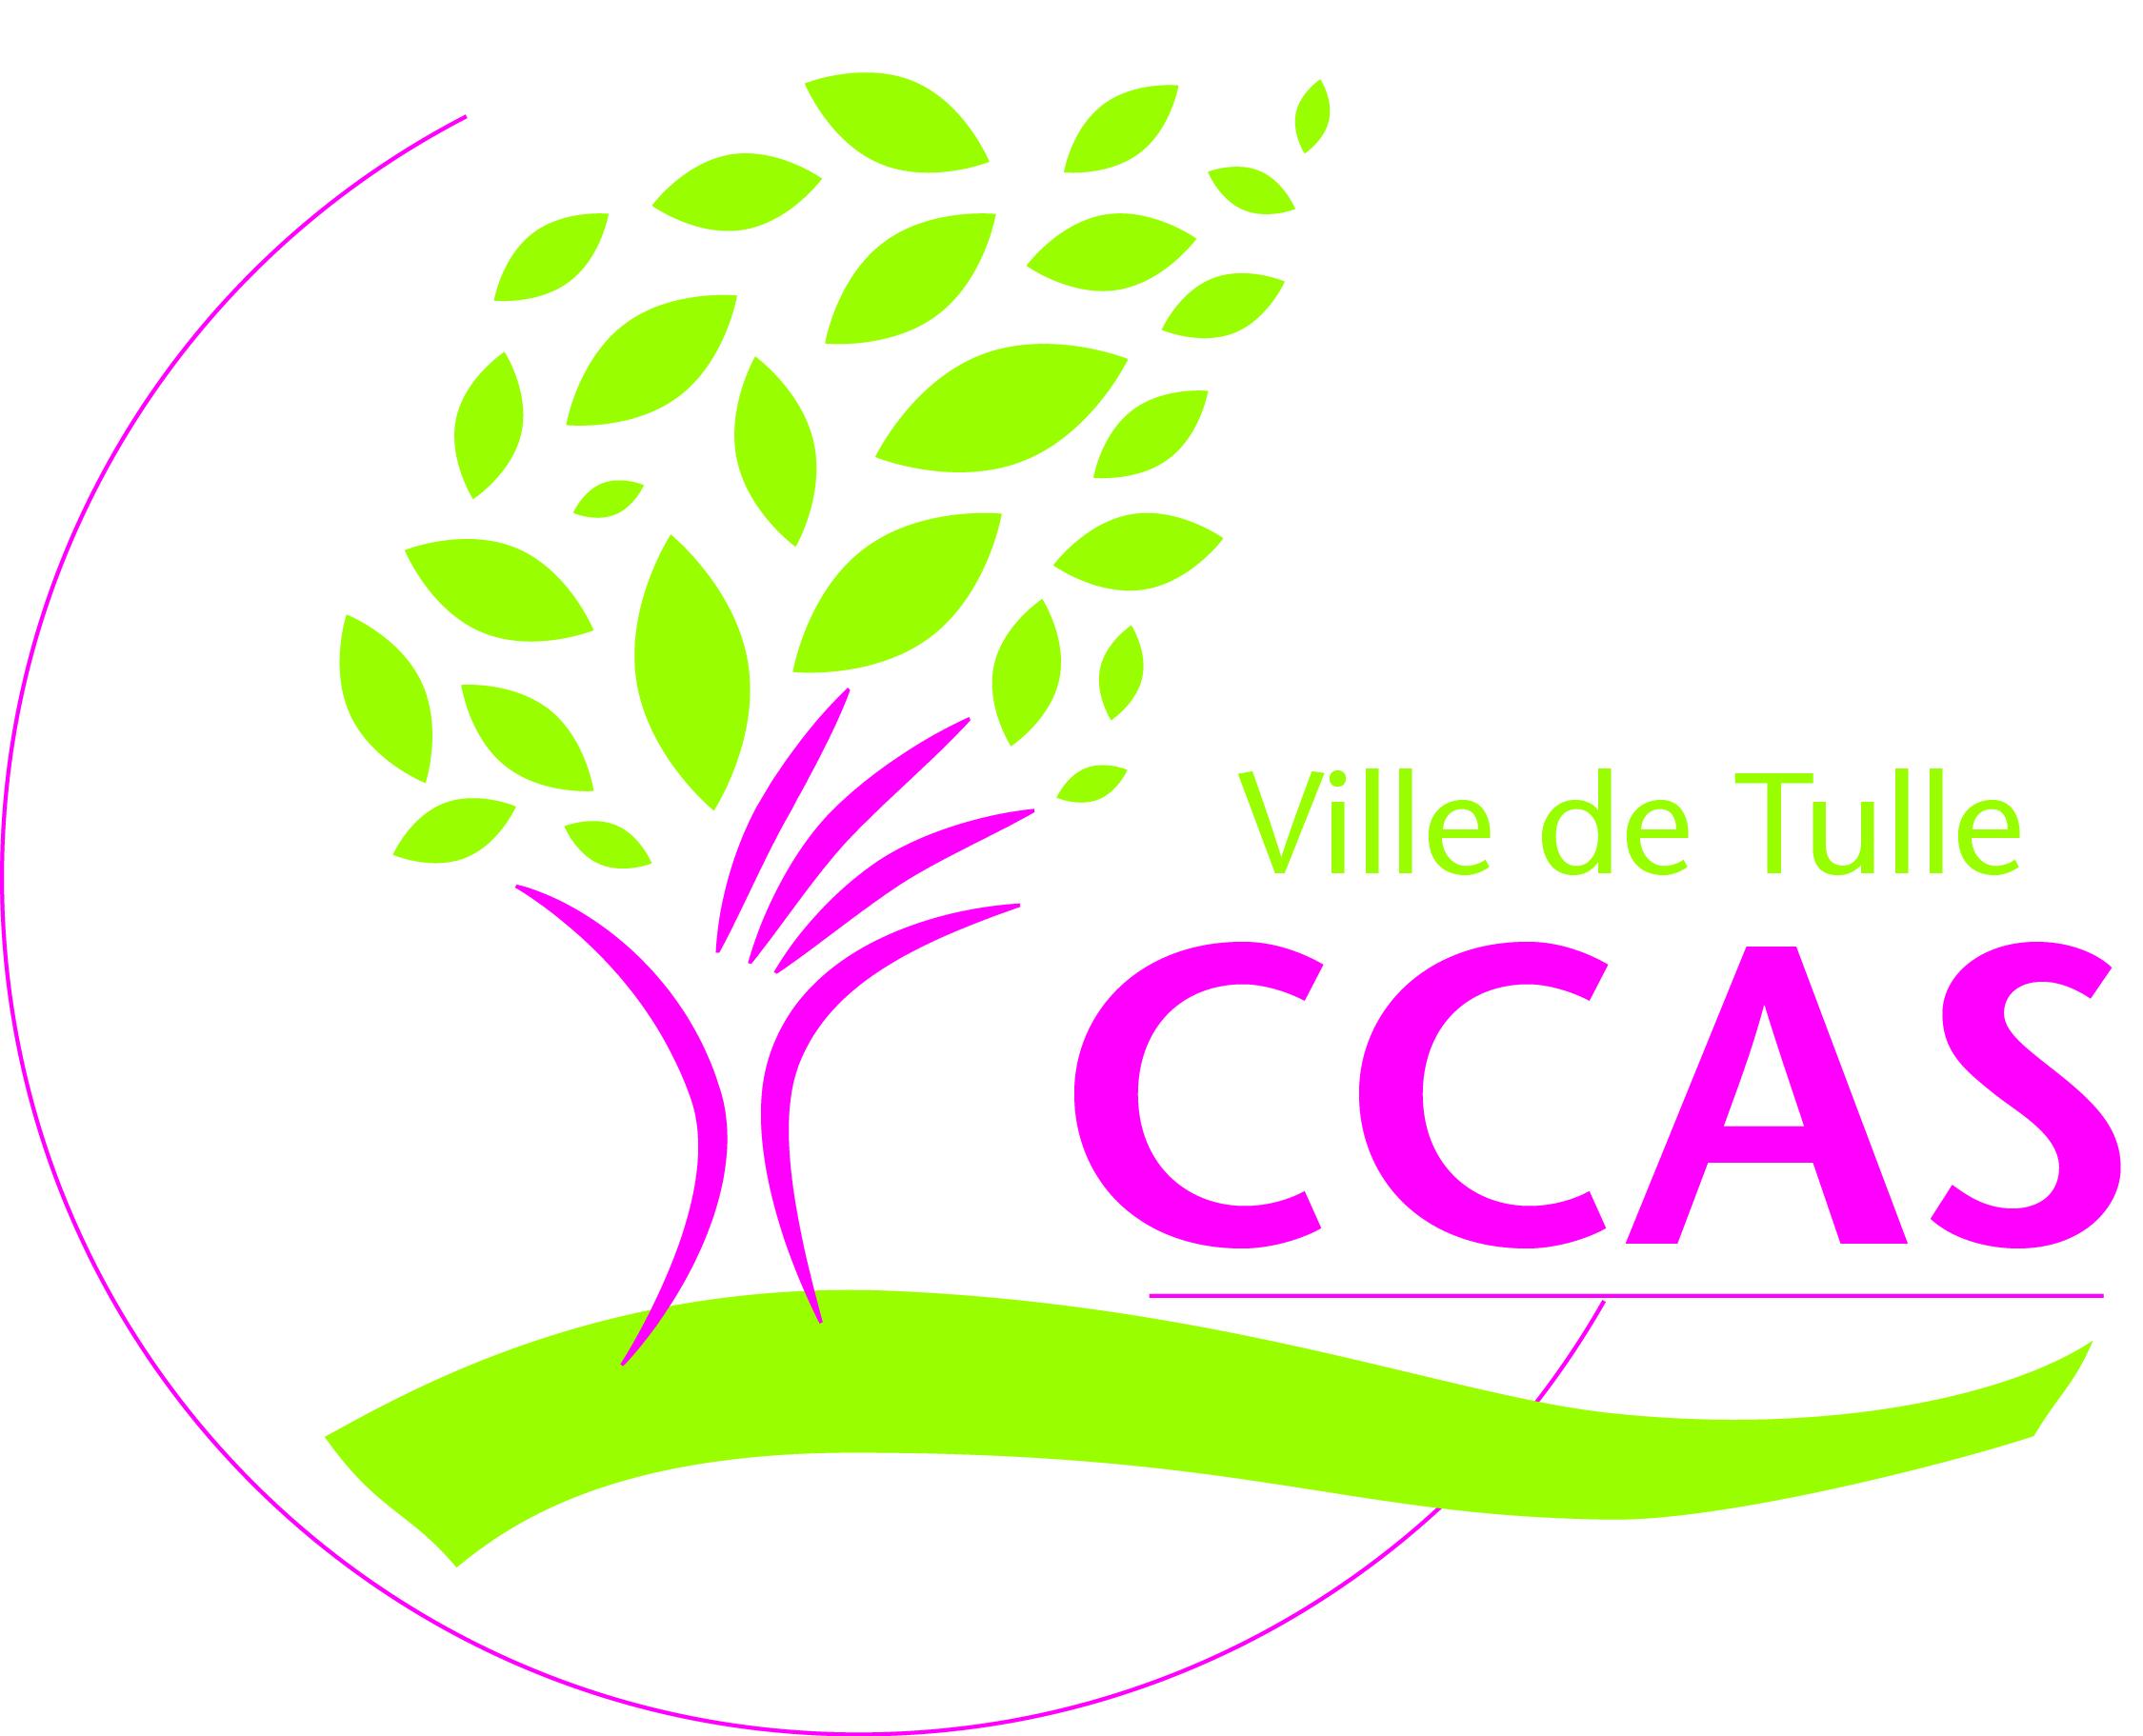 logo_556_logo_ccas_coul.jpg